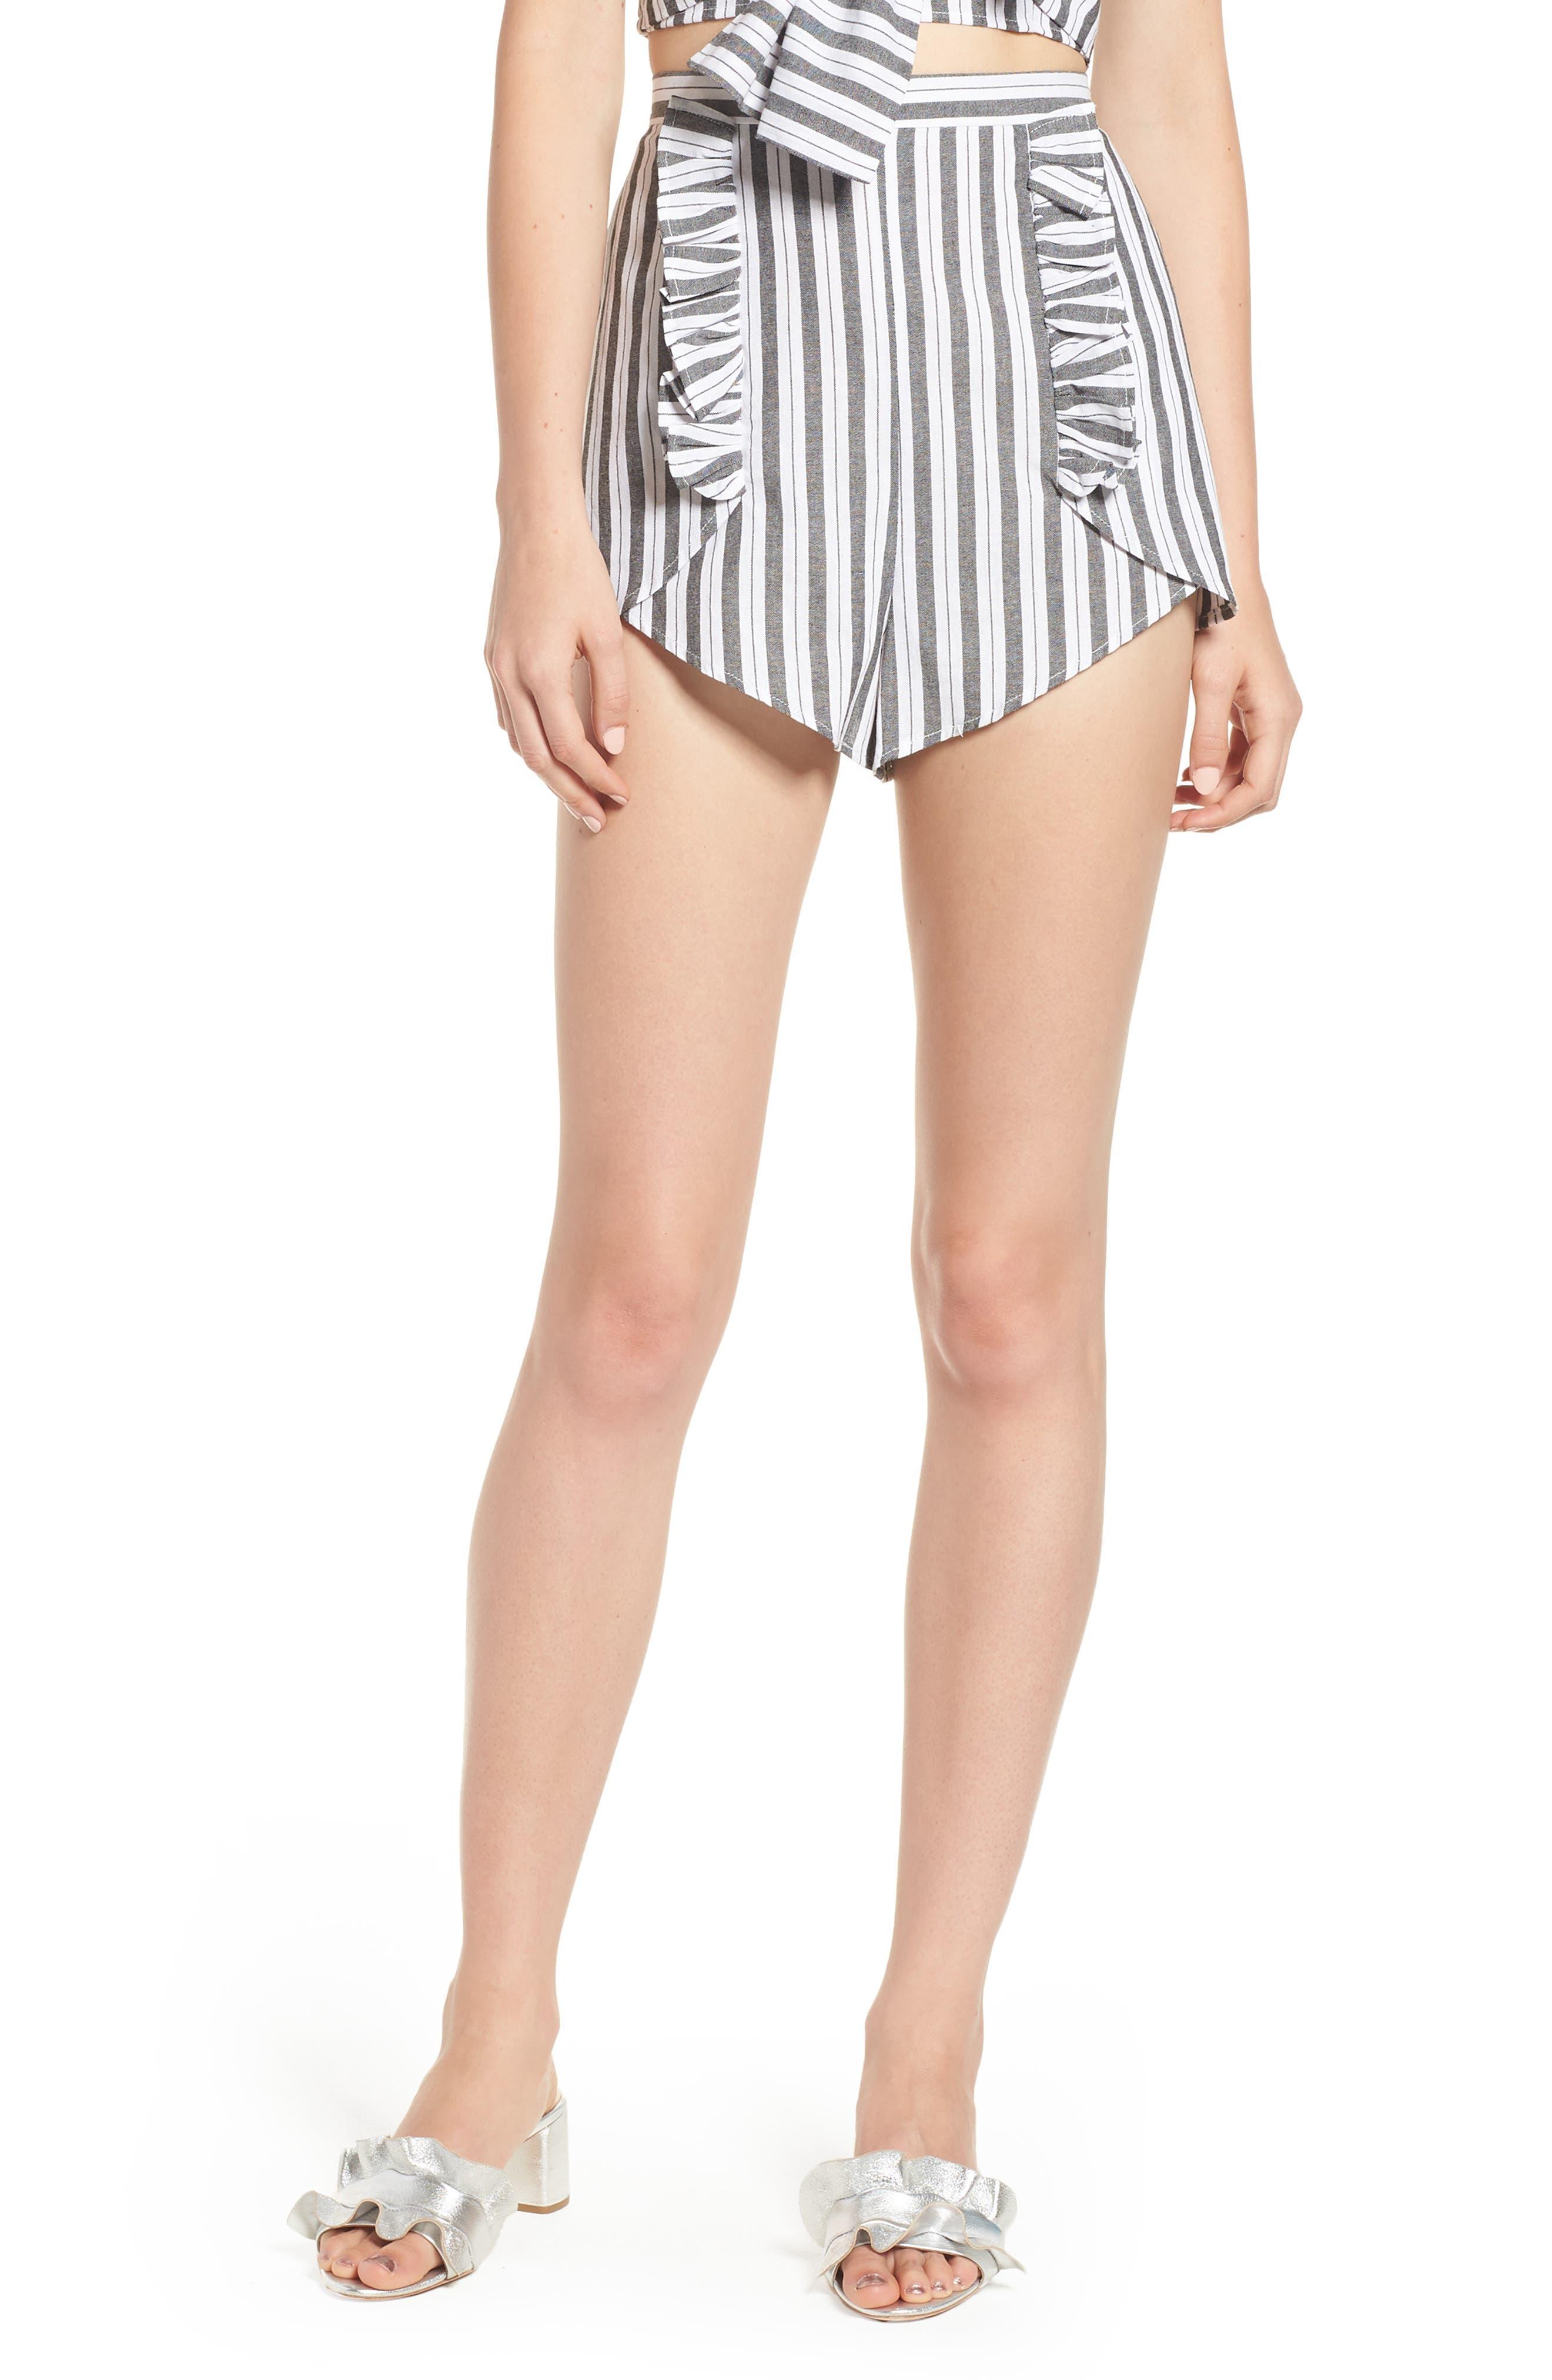 Acacia Stripe High Waist Shorts,                         Main,                         color, Black W White